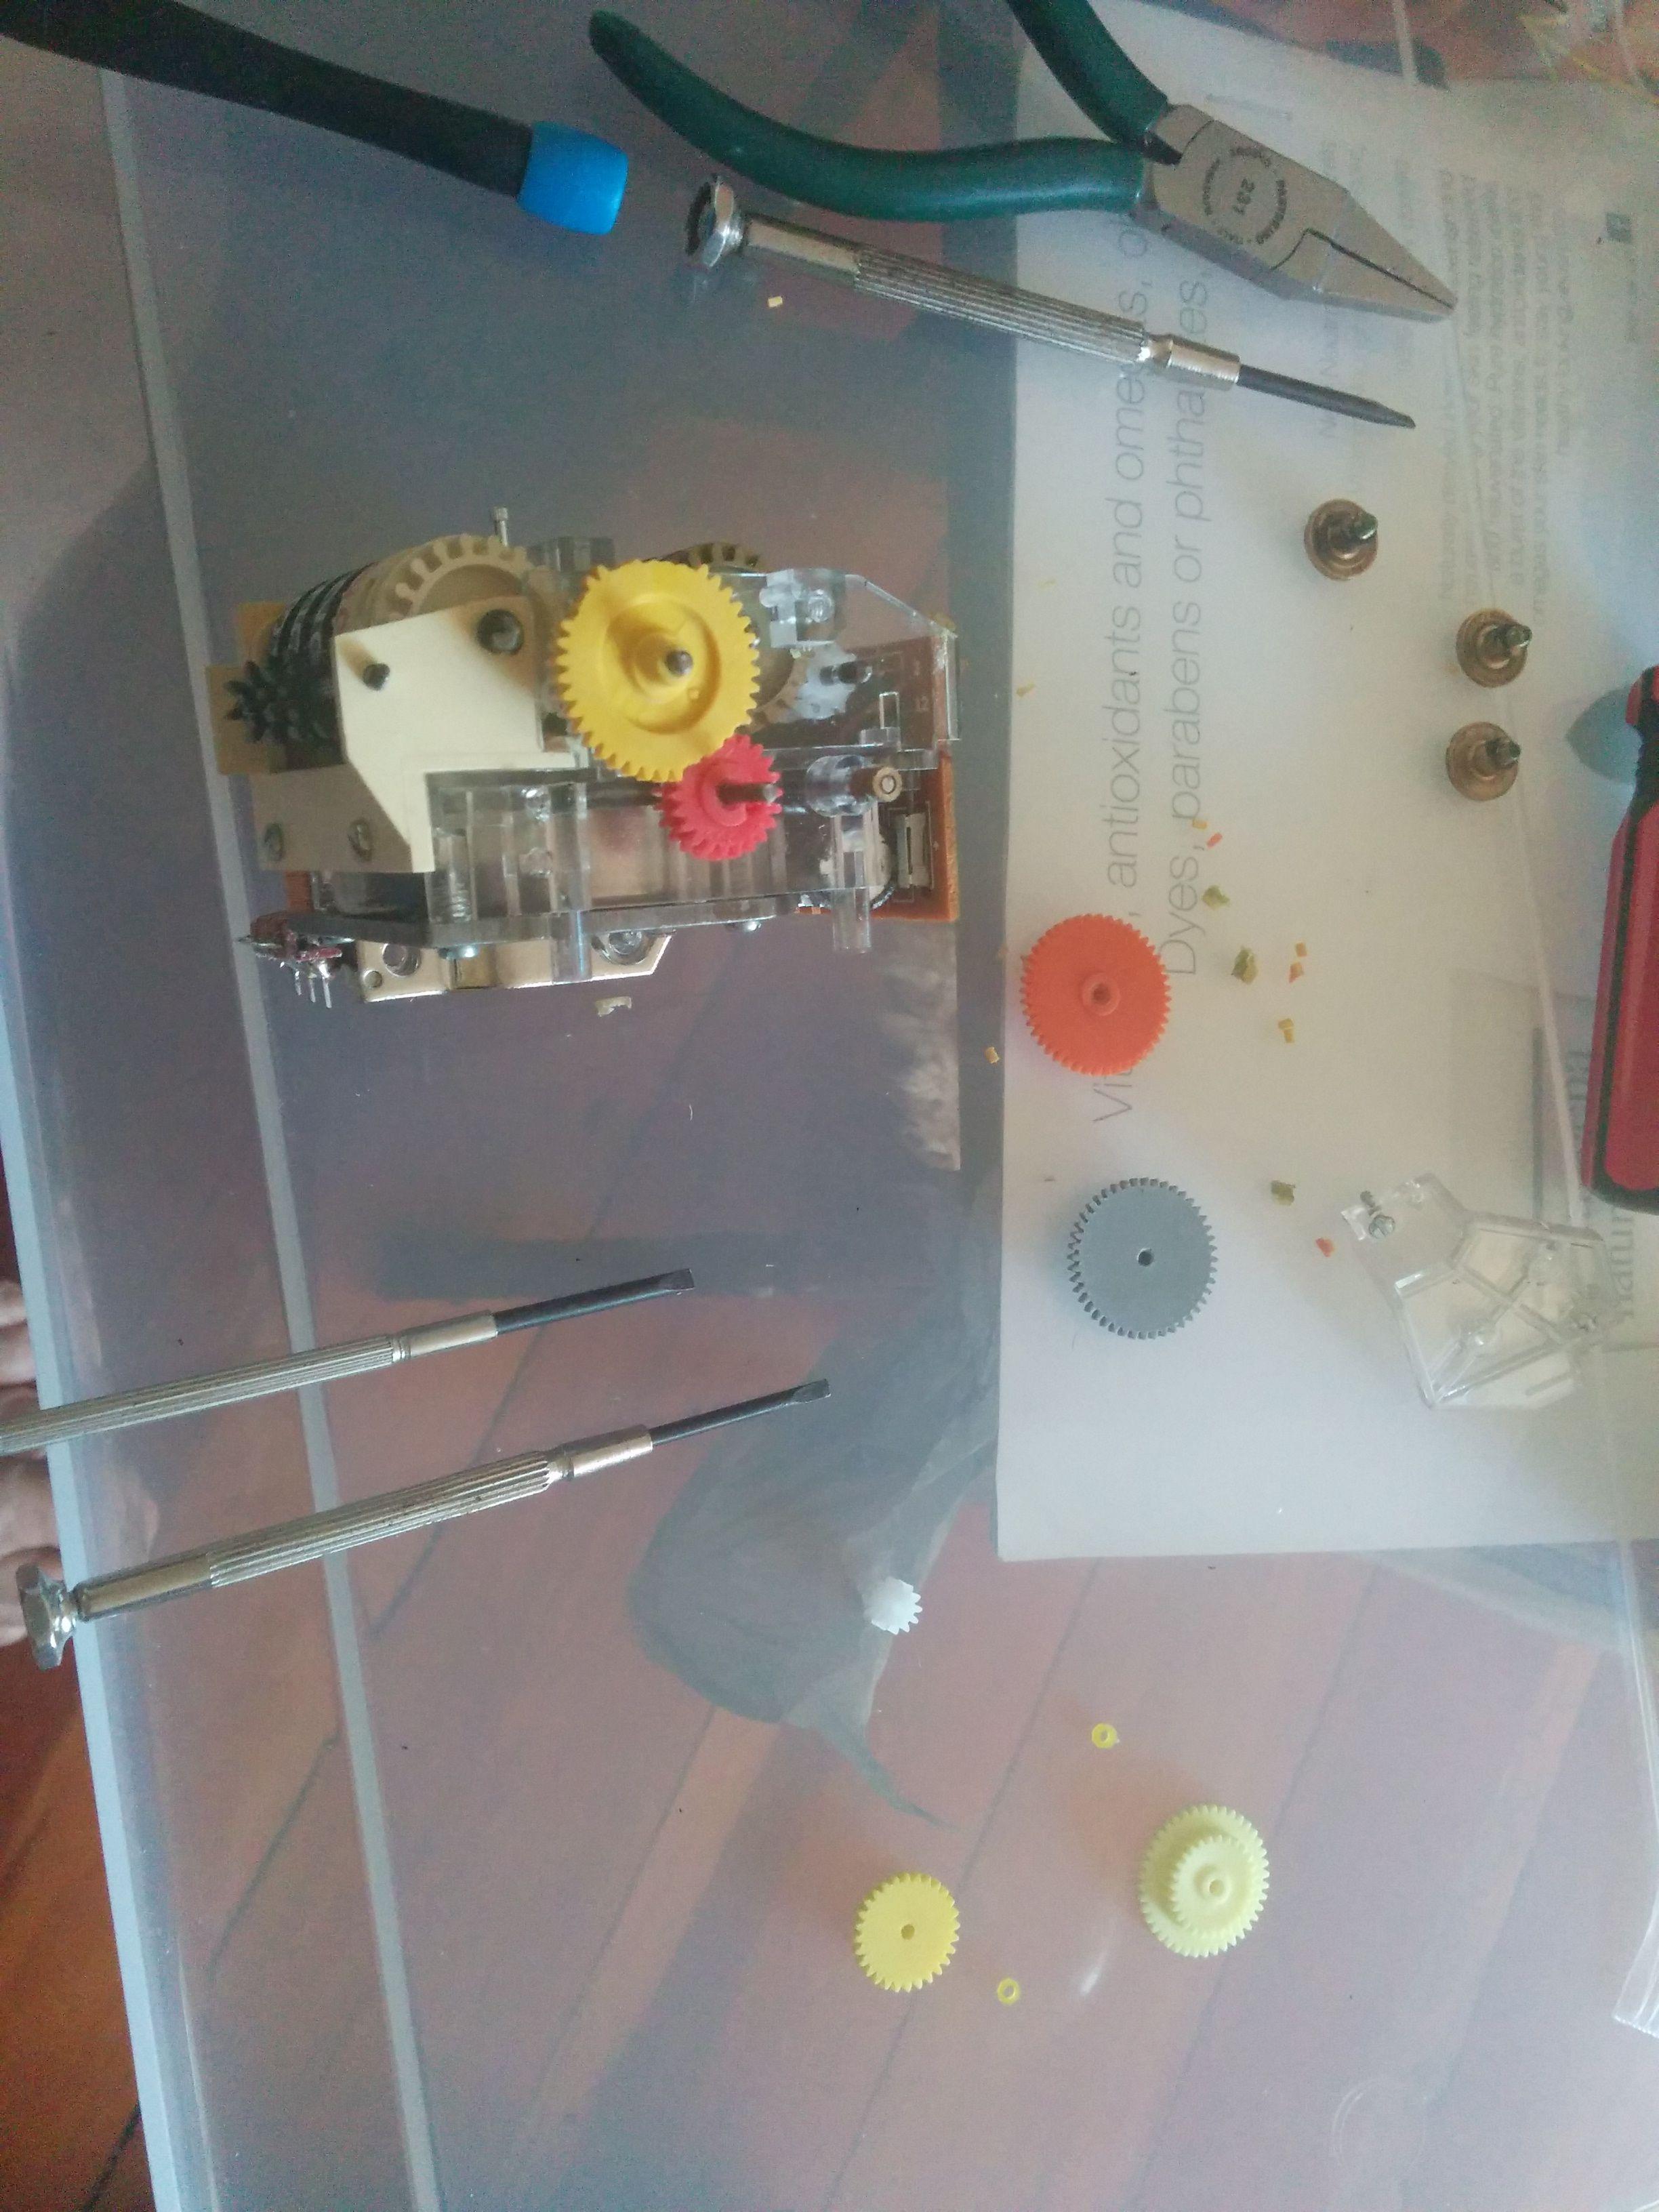 Odometer broken 09f82ede4a5af3b5473225d86b0d495a